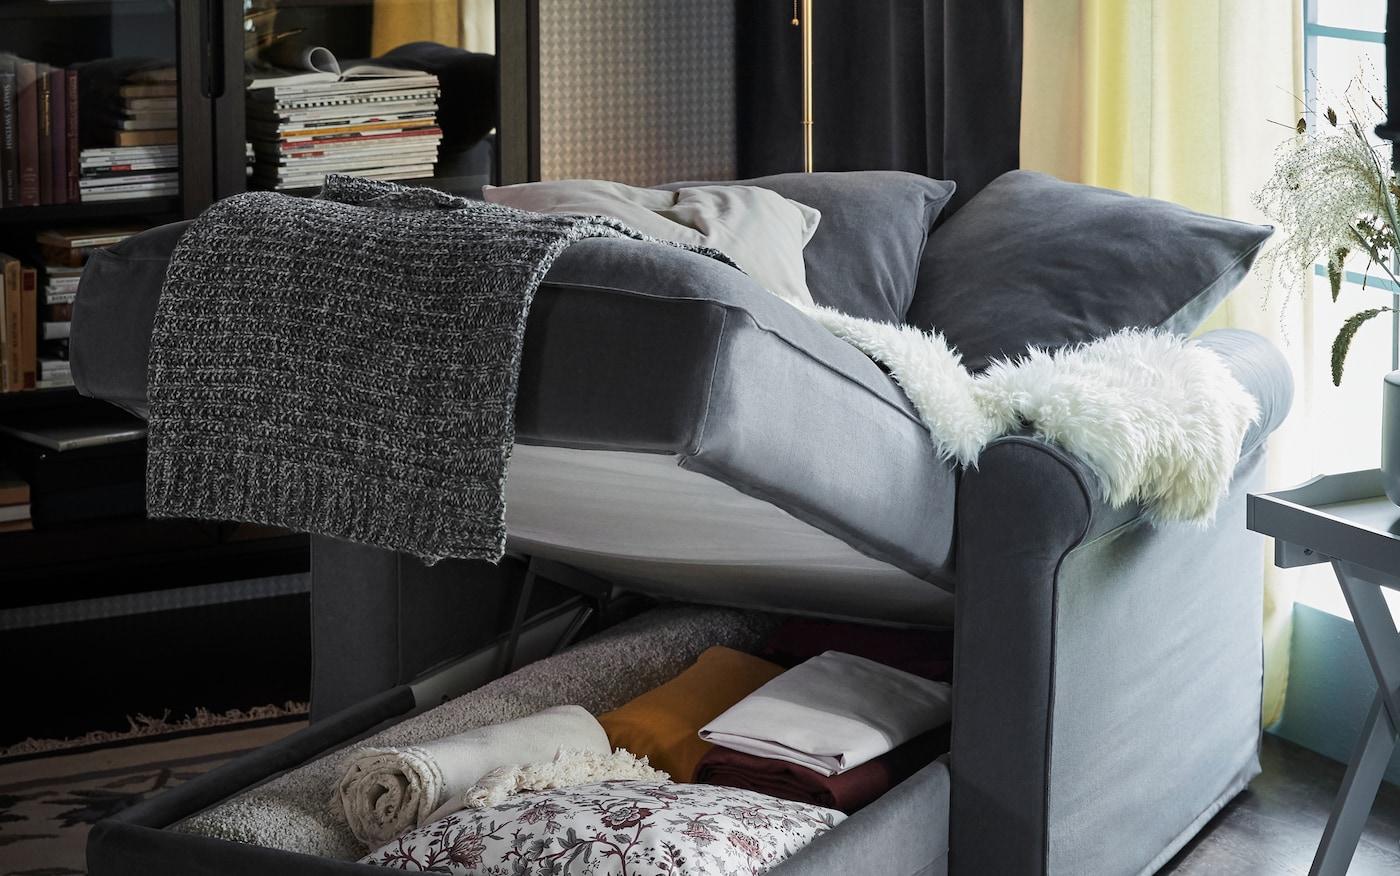 Una chaiselongue GRÖNLID gris con almacenaje integrado debajo del asiento, abierto para mostrar mantas y cojines extra.